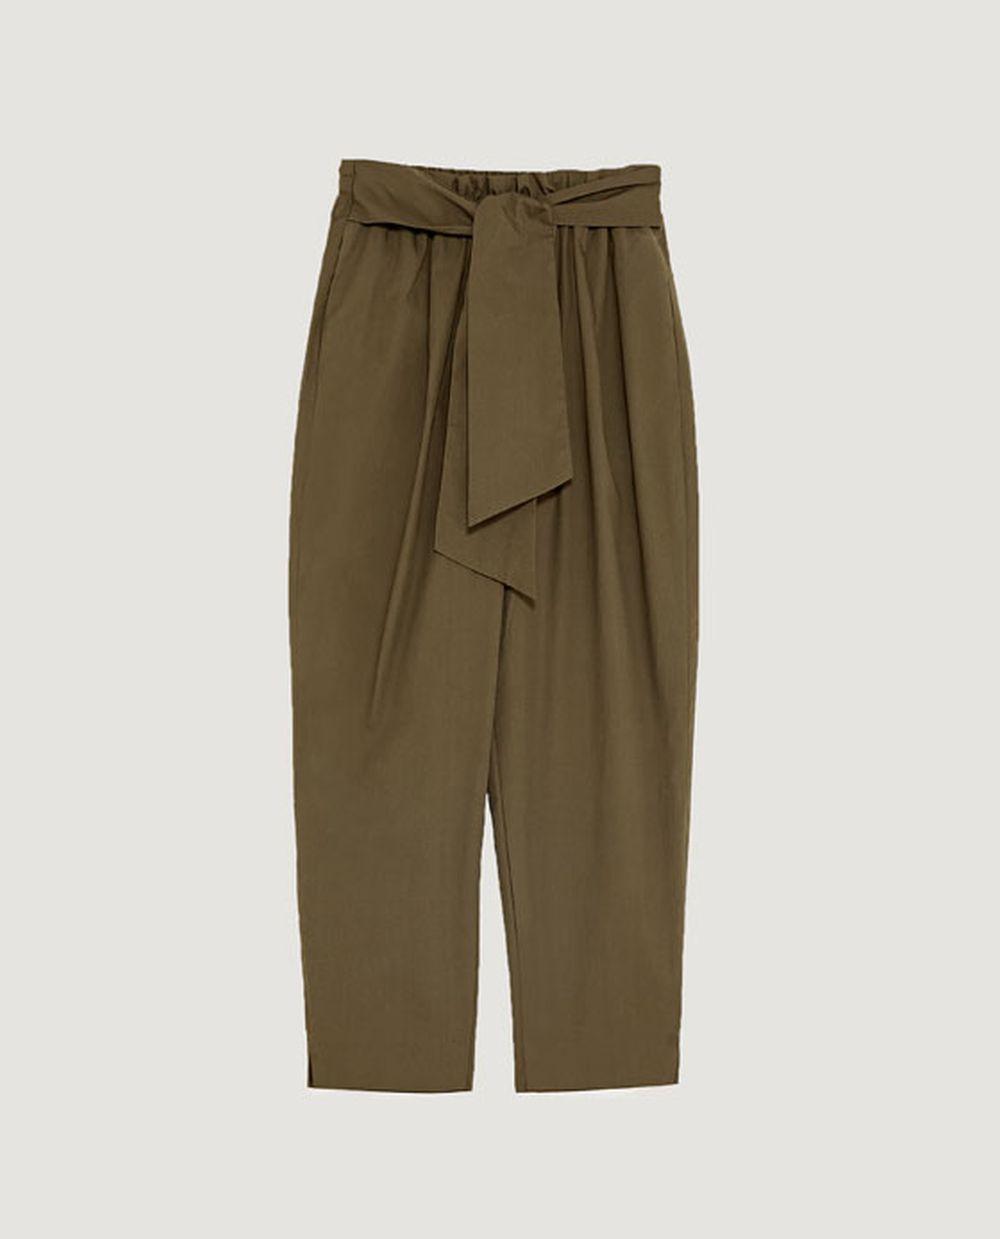 Pantalón popelín, Zara (22.95 euros).